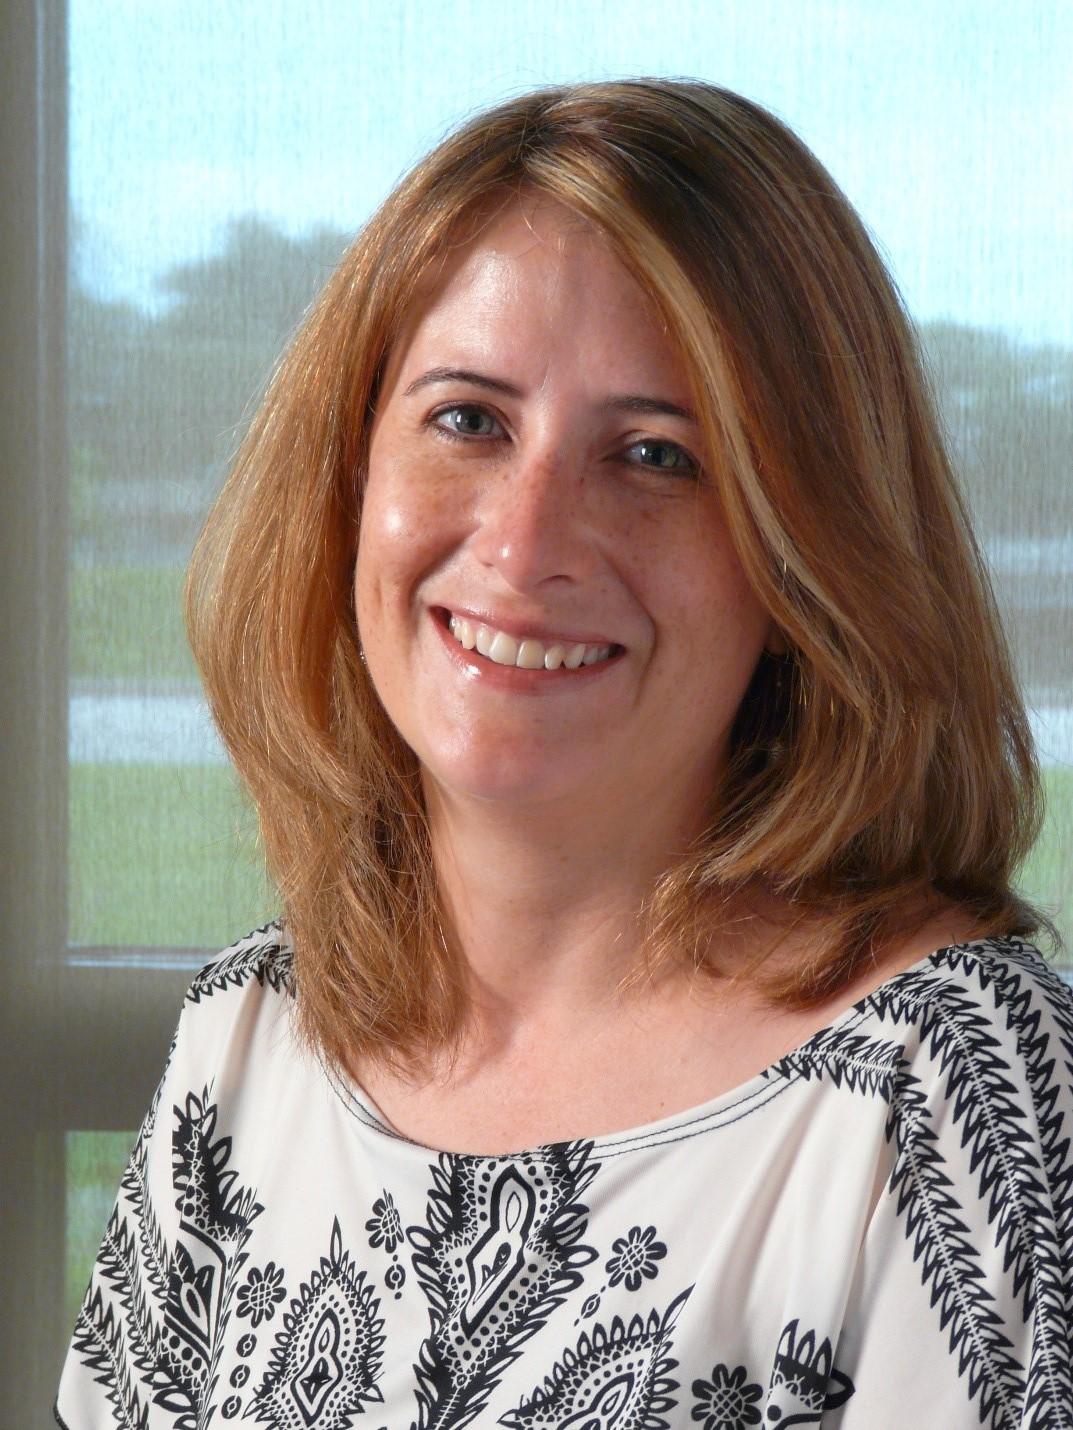 Christy Ragle